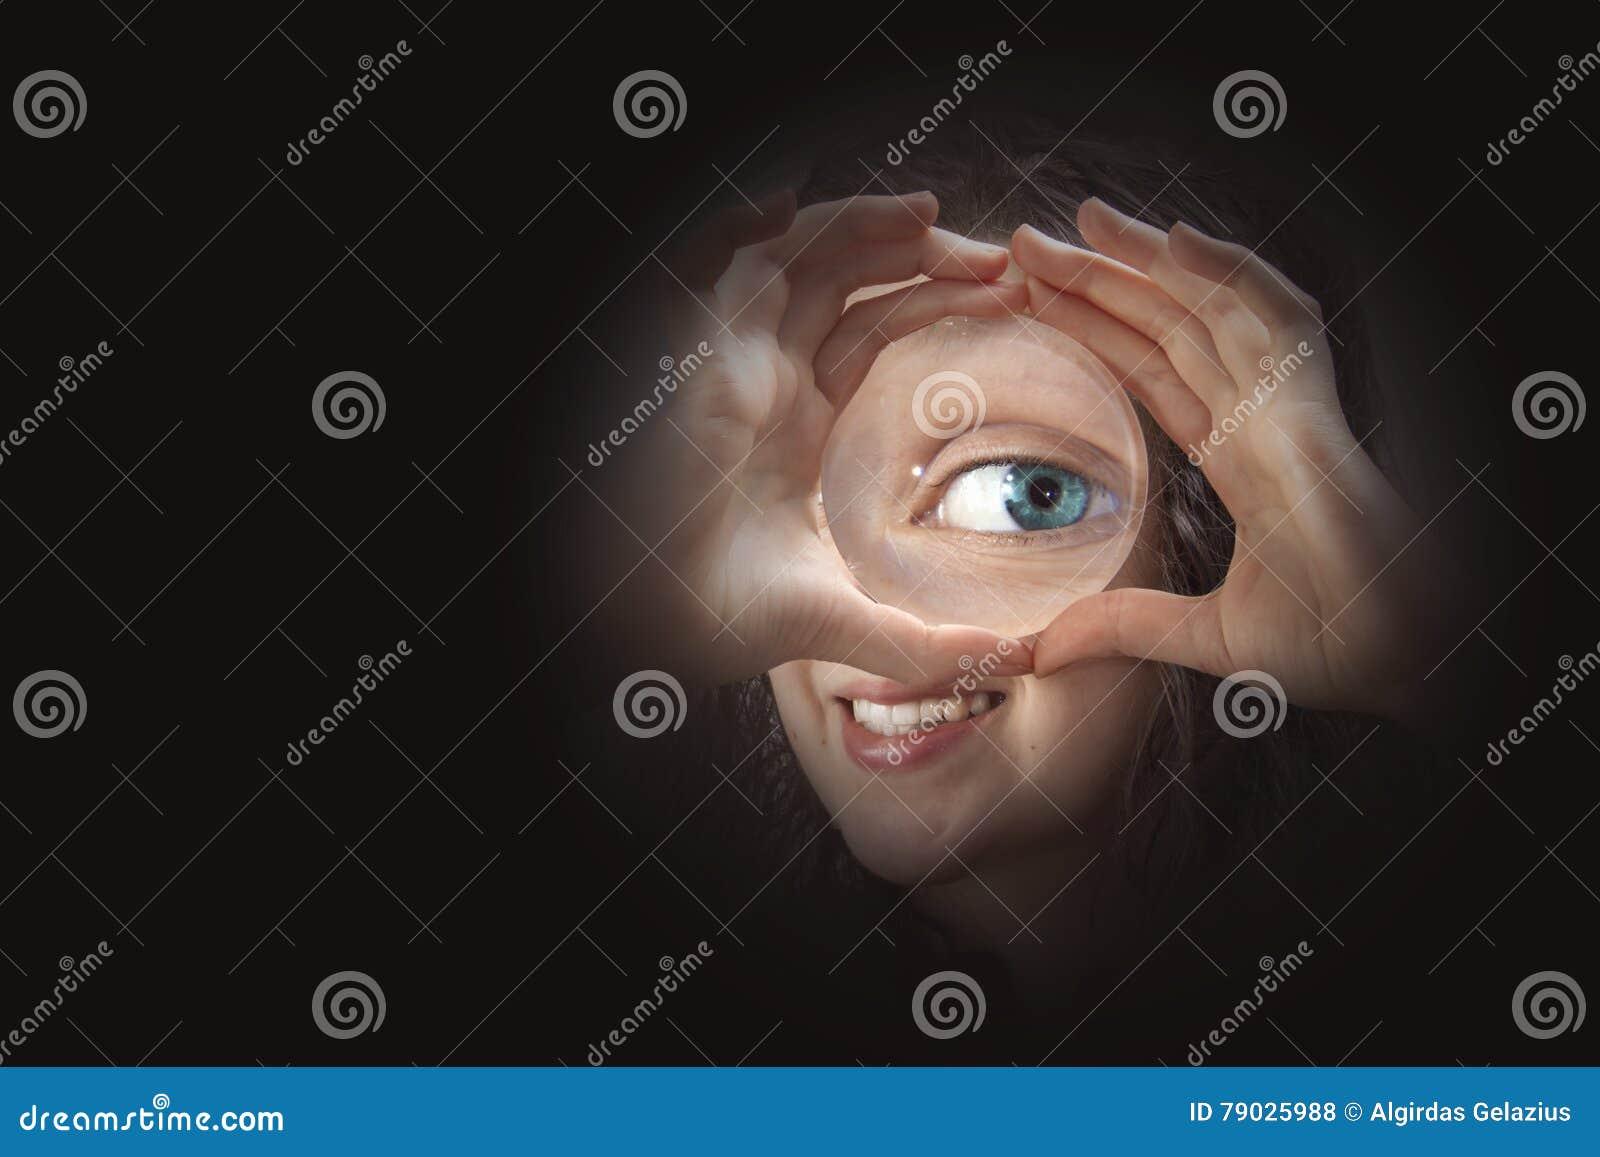 Женский глаз смотря через конец лупы вверх